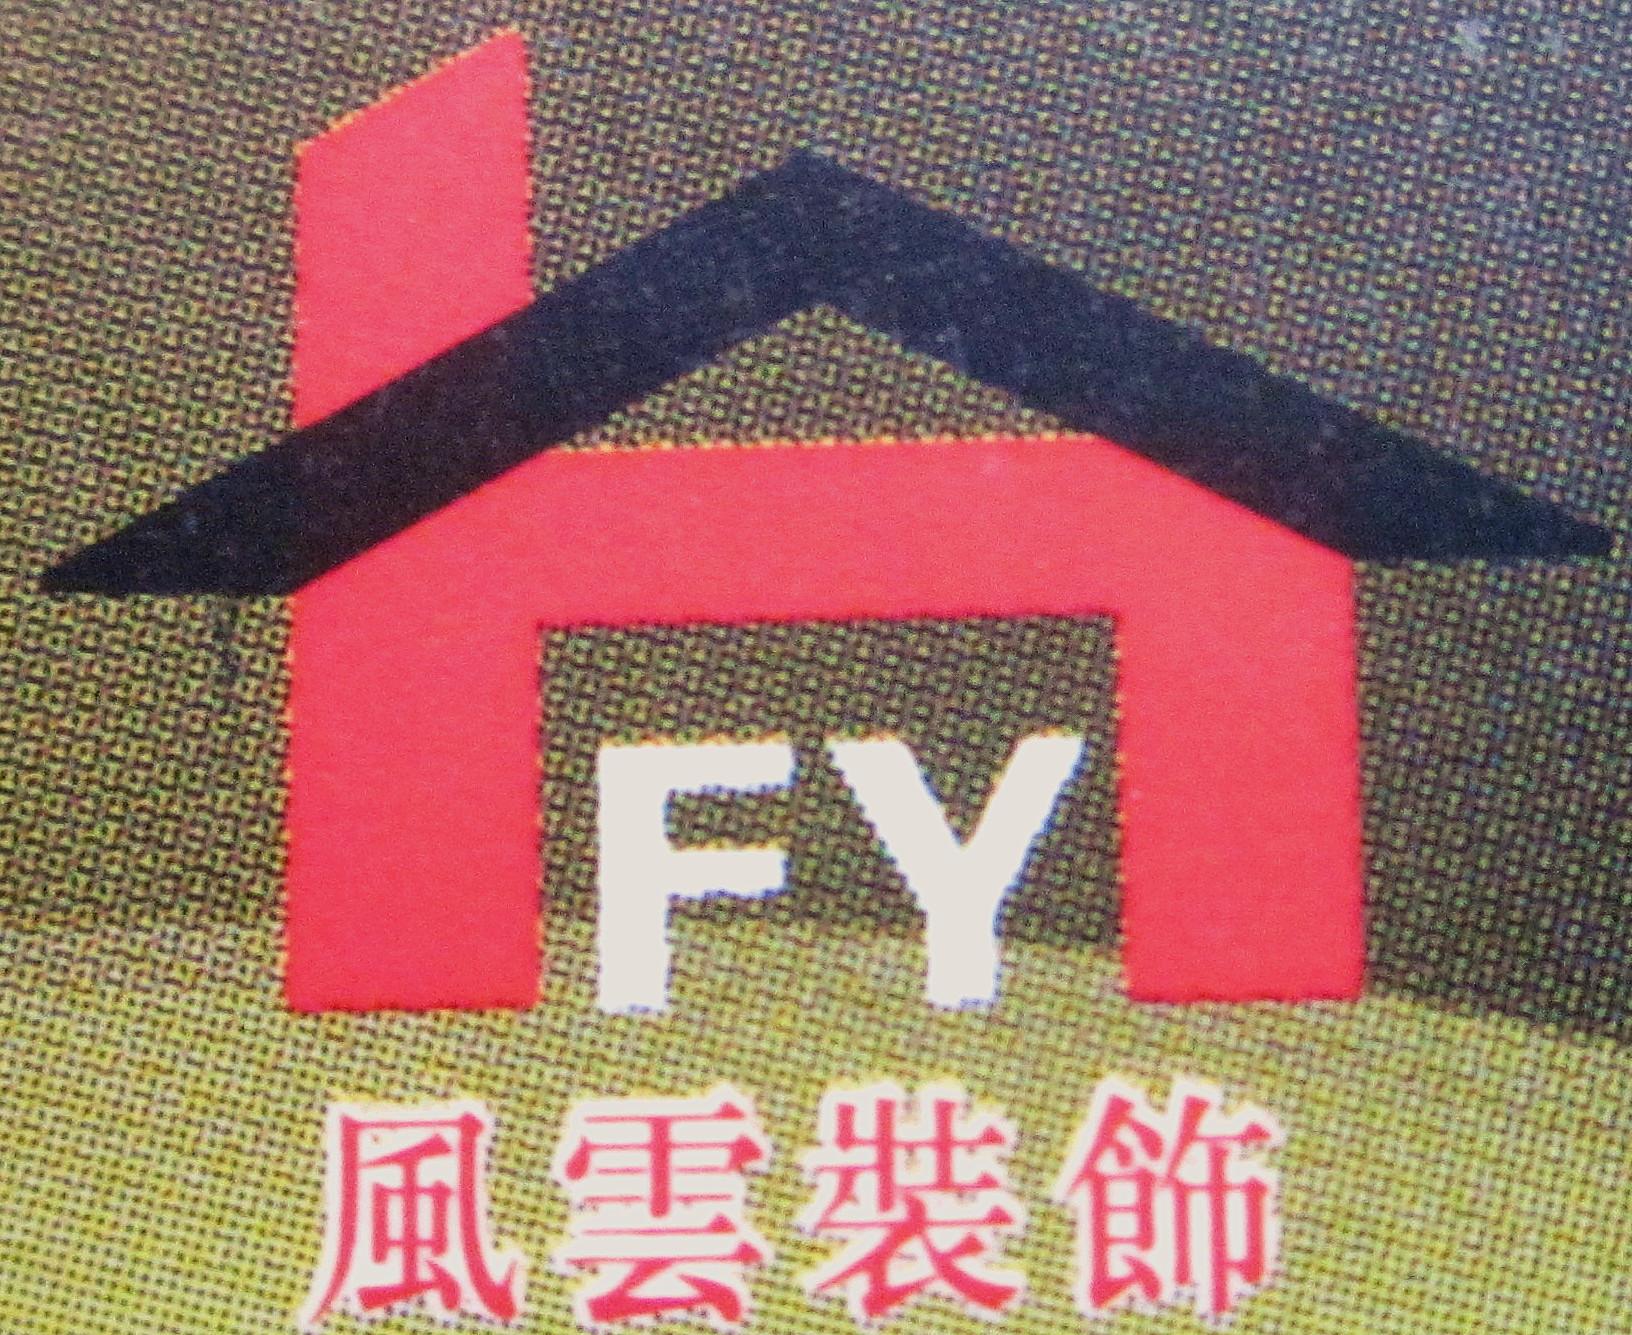 广州风云装饰工程有限公司